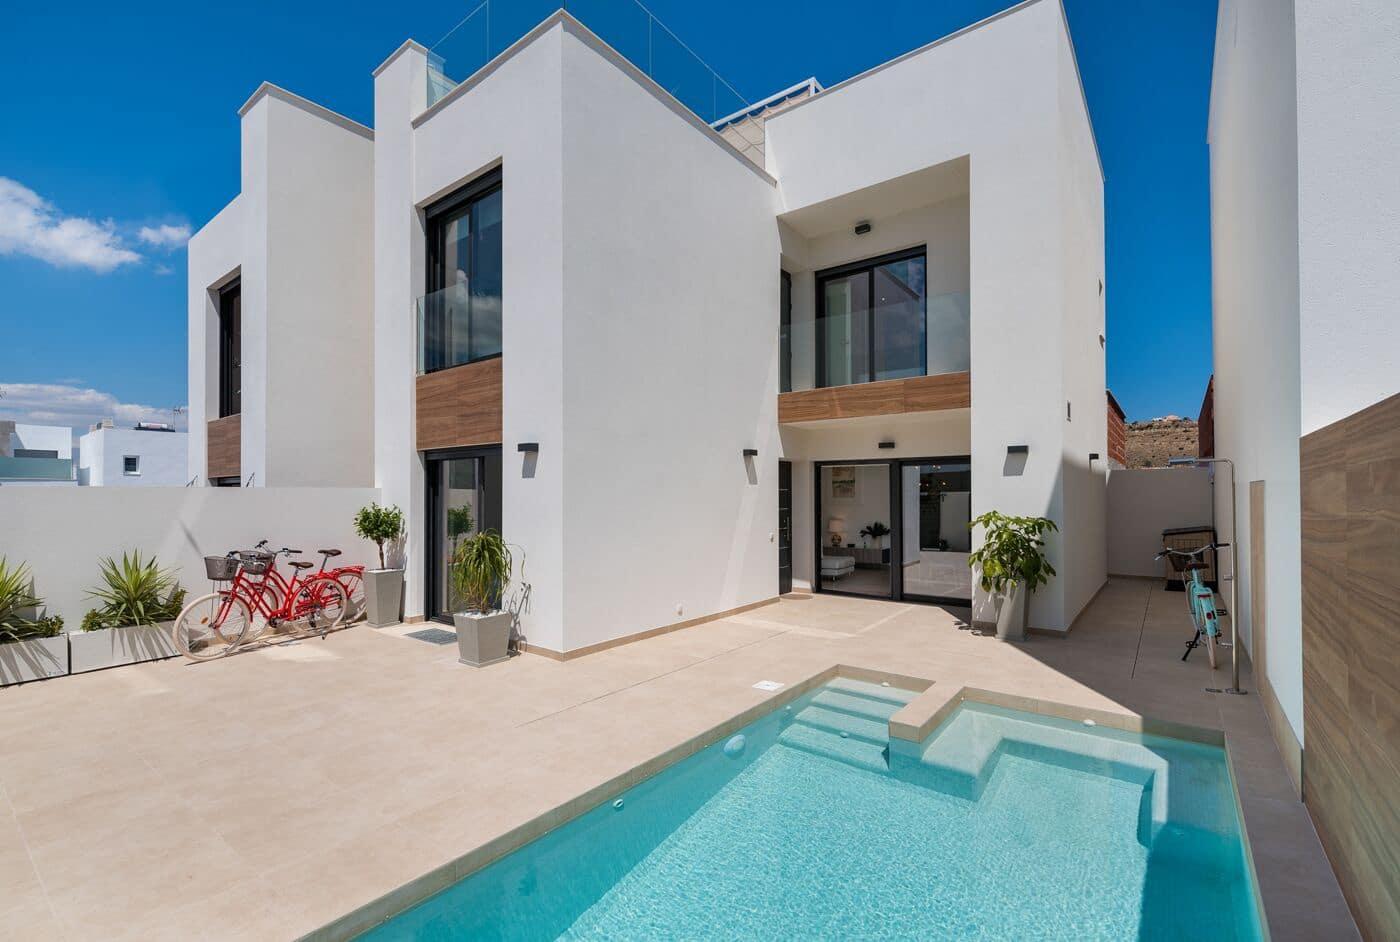 Chalet de 3 habitaciones en Benijófar en venta con piscina - 279.900 € (Ref: 4512004)